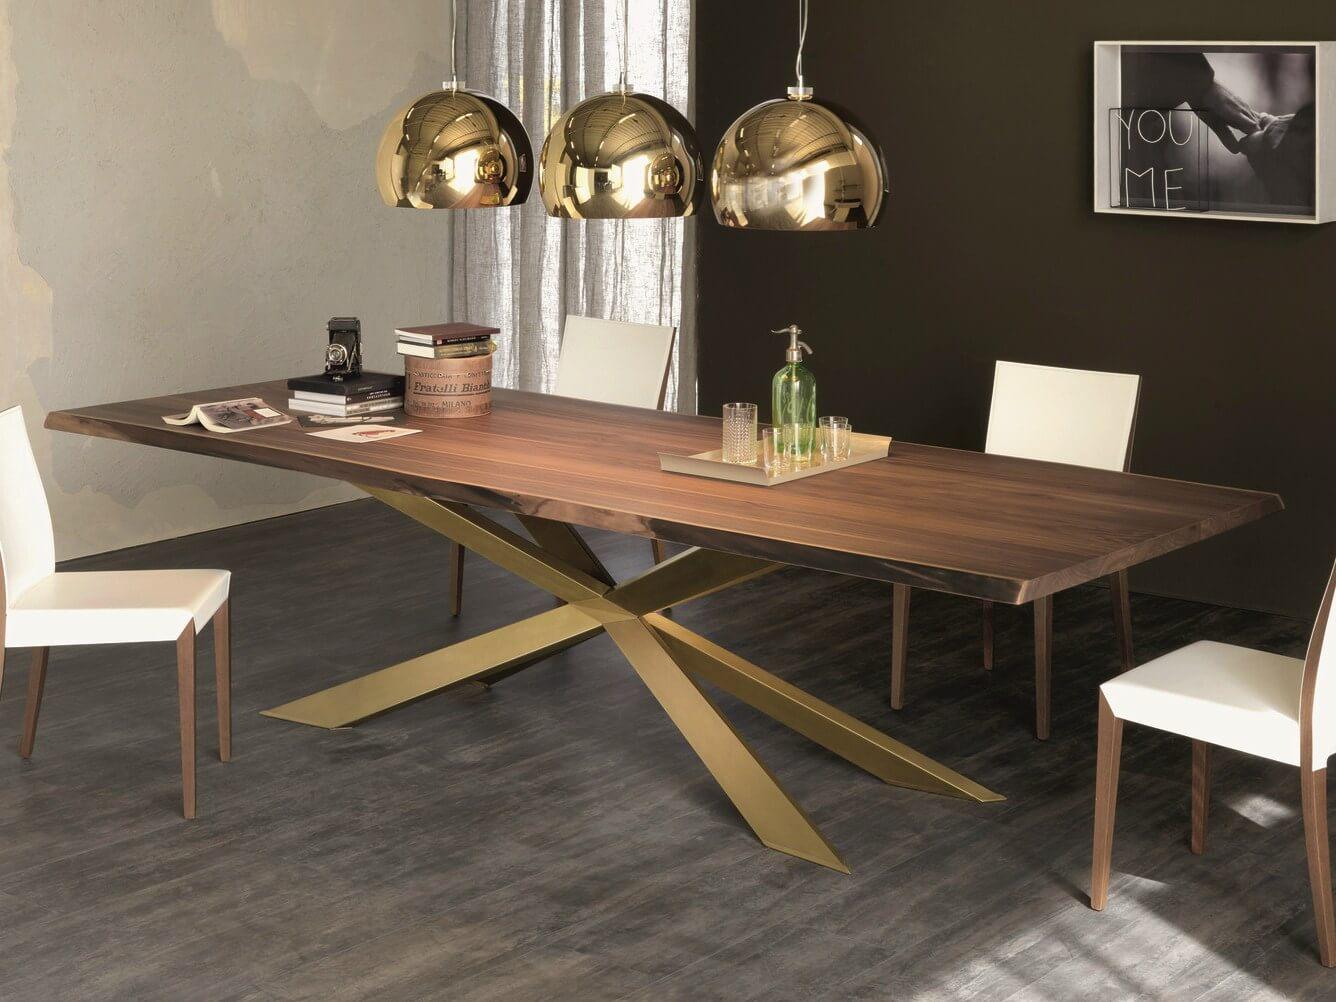 Tavolo Spyder Wood Cattelan - Devincenti negozio arredamento e design Brescia